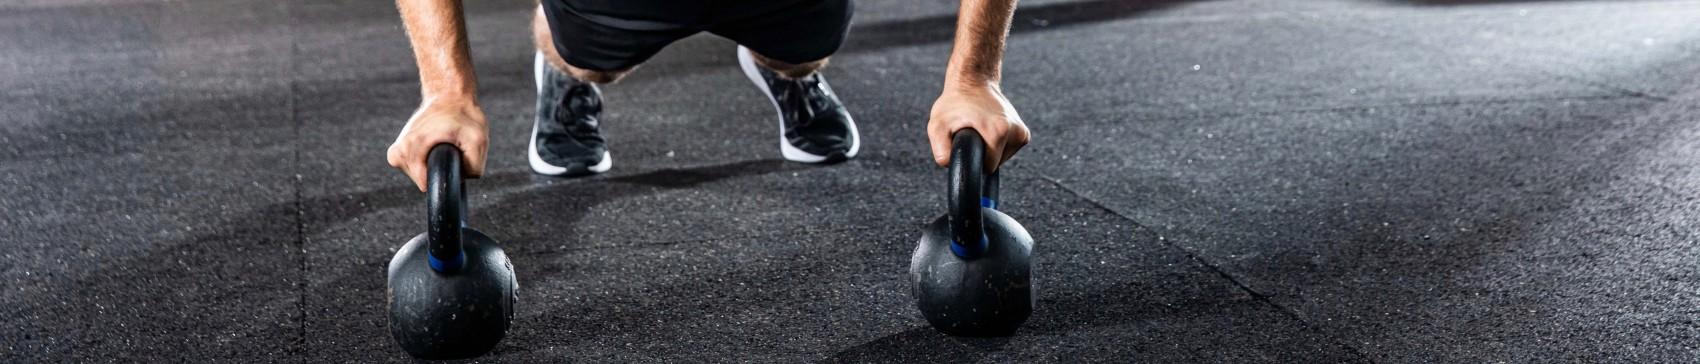 Fitnesskleinteile